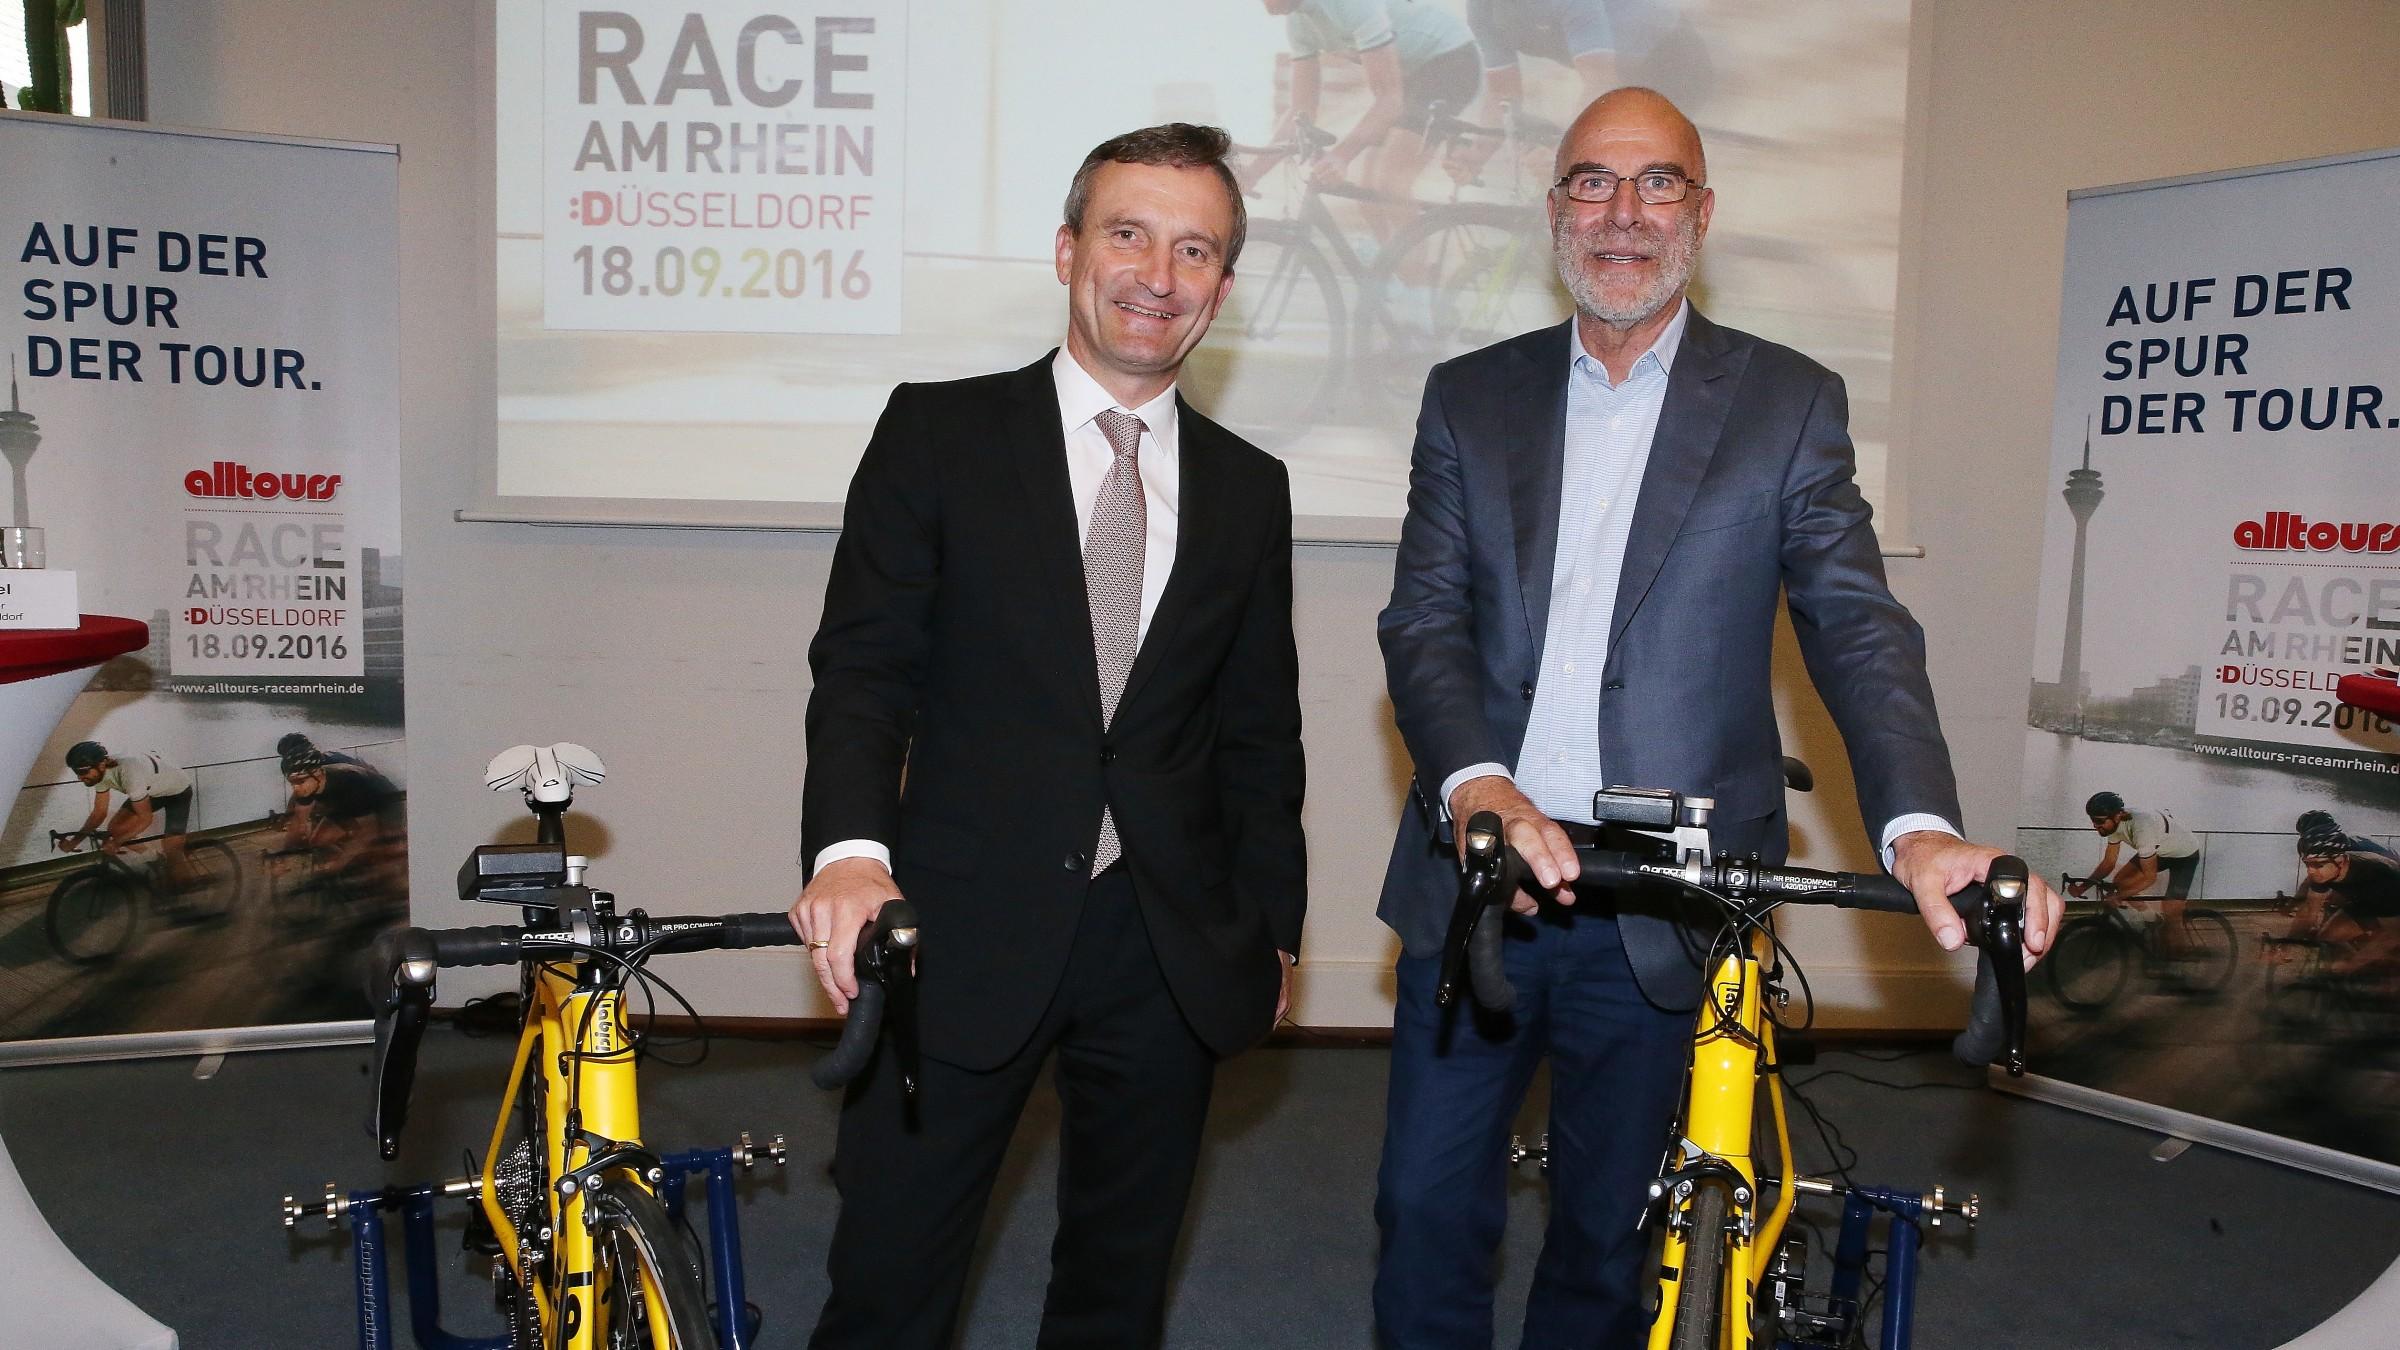 Oberbürgermeister Thomas Geisel Und Willi Verhuven, Vorsitzender Der Alltours Geschäftsführung (Foto: Landeshauptstadt Düsseldorf/David Young)